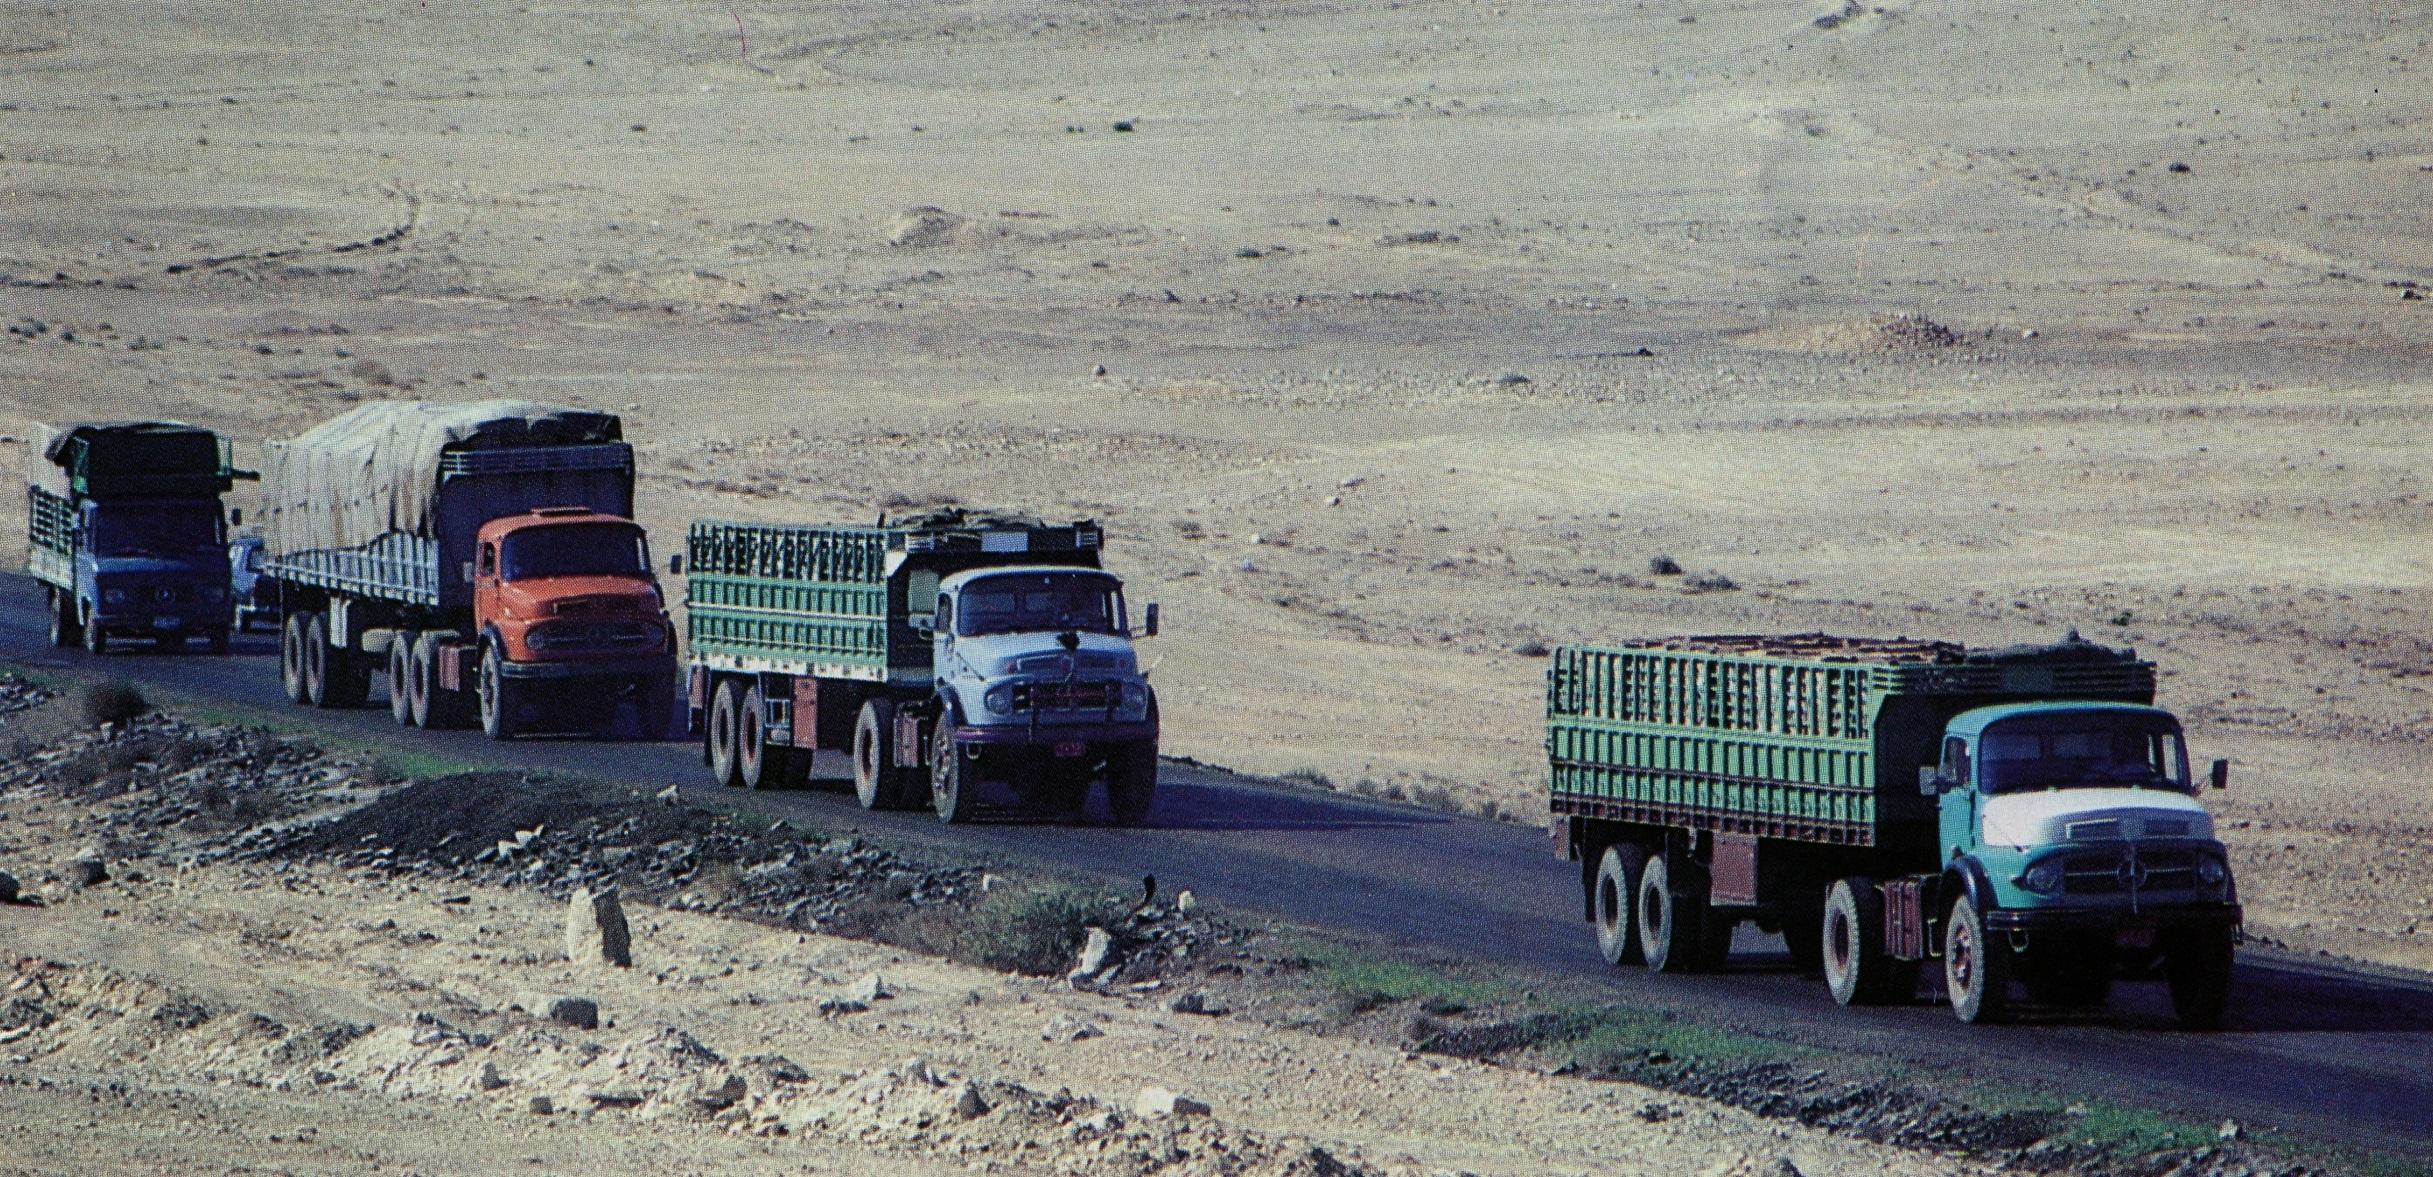 Mercedes-in-Jordanie-75-tot-85